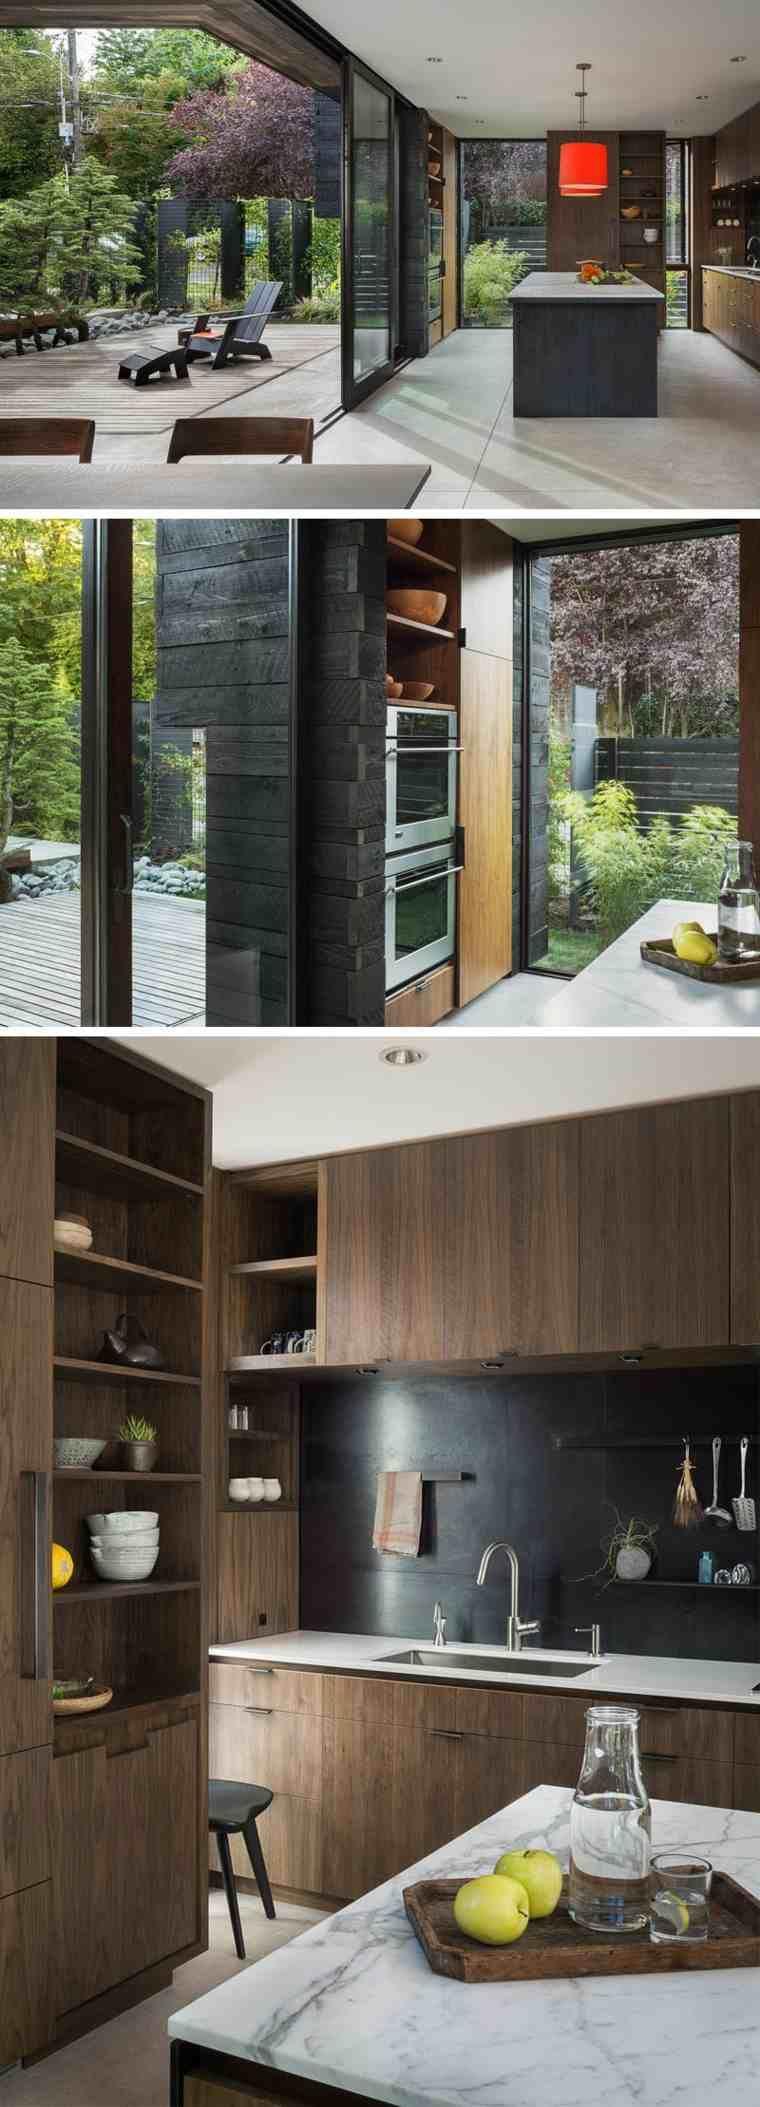 une cour int rieure faisant partie de cette maison ultra moderne seattle maison pinterest. Black Bedroom Furniture Sets. Home Design Ideas